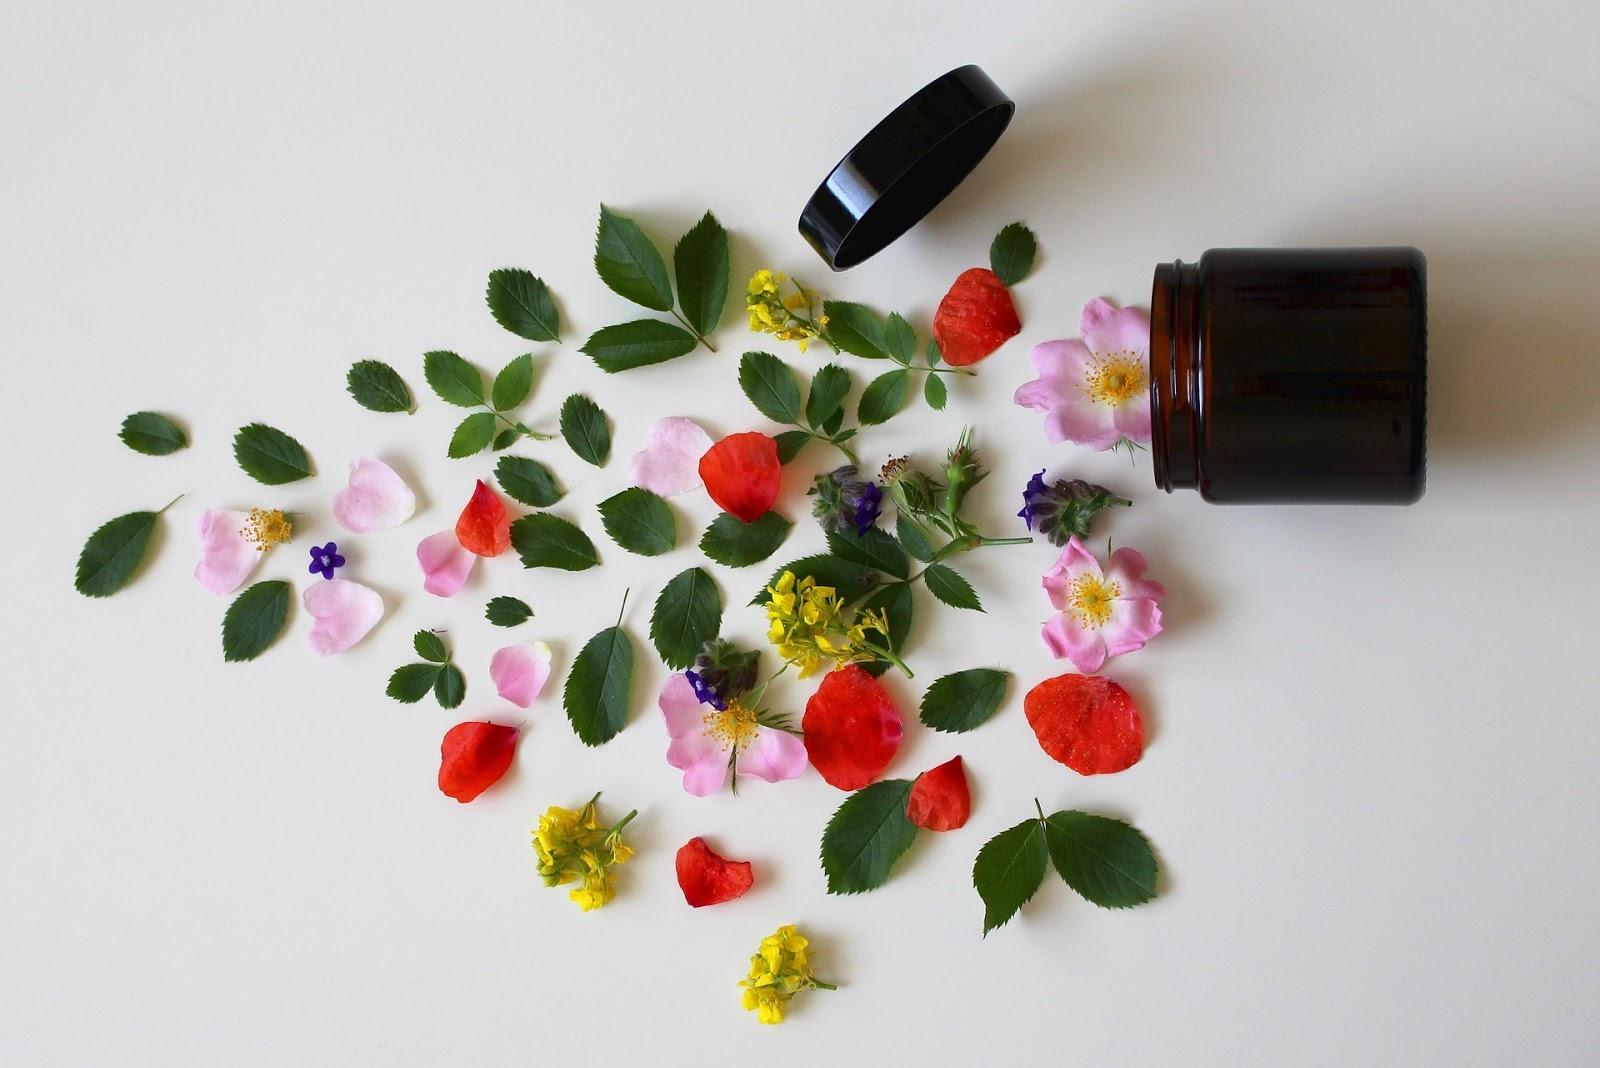 Drogerie internetowe - która najtańsza? Gdzie kupisz najtaniej naturalne kosmetyki? - porównanie ofert 5 drogerii online | A real shopaholic